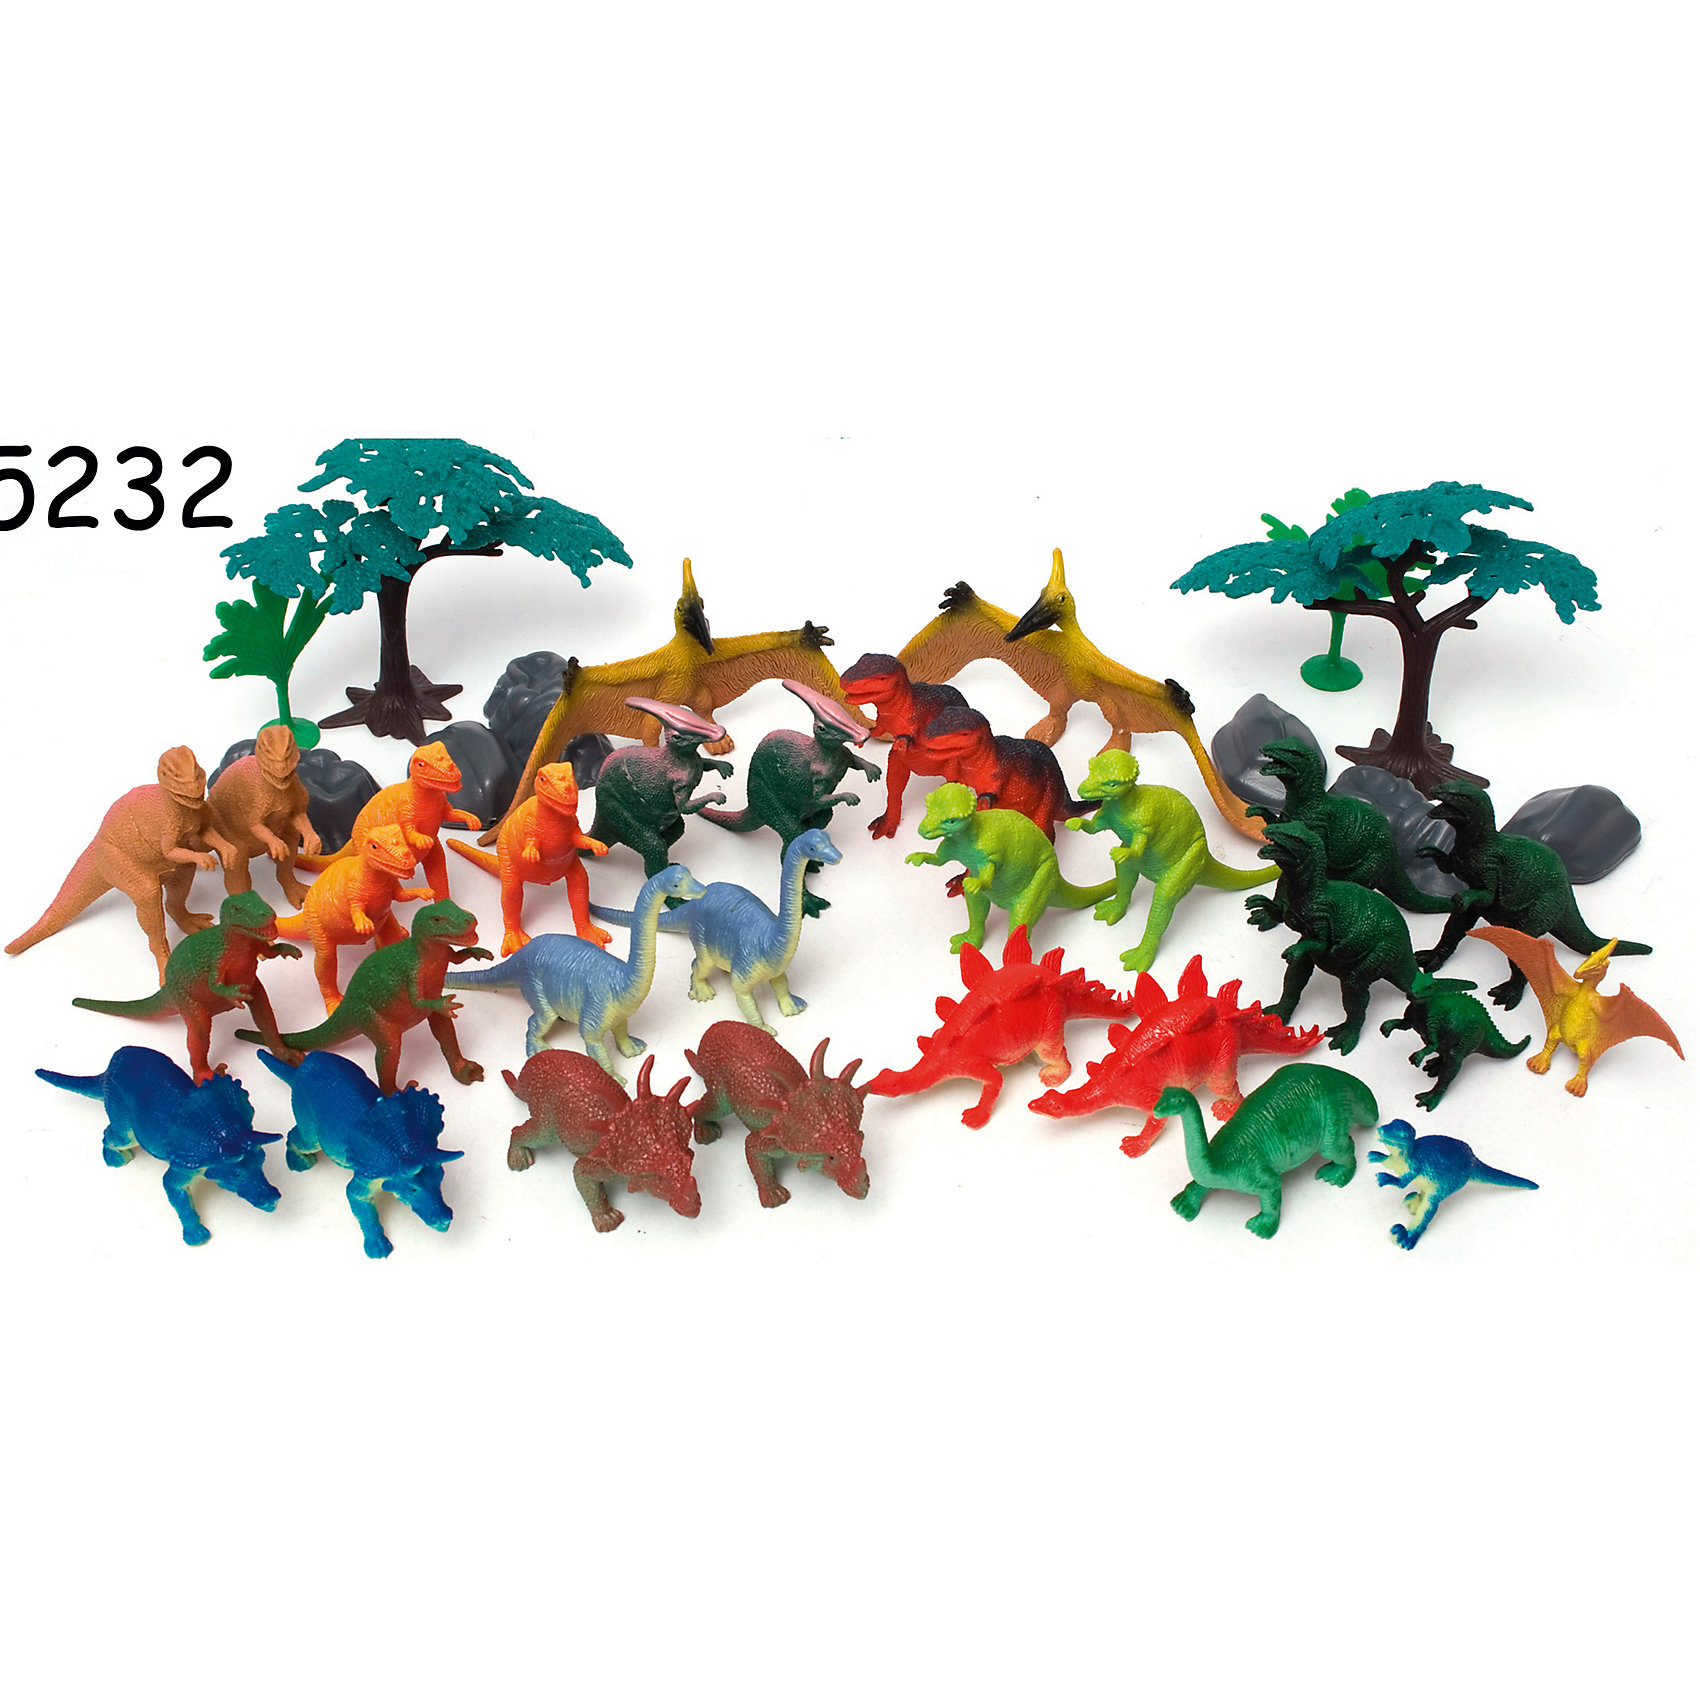 Игровой набор Динозавры, 40 предметов, BoleyДинозавры и драконы<br>Характеристики товара:<br><br>• размер: 15х15х21 см<br>• комплектация: 40 фигурок<br>• материал: пластик<br>• вес: 700 г<br>• страна бренда: США<br>• страна производства: Китай<br><br>Игровой набор из двадцати фигурок разных динозавров - отличный подарок для ребенка! Дети, как правило, очень их любят. Чтобы ребенок мог безопасно и весело играть - вручите ему такие фигурки. Они отлично детализированы и помогут малышам начать изучать древний животный мир.<br>Такая игра помогает ребенку нарабатывать новые знания, навыки и способности - развивает мелкую моторику, а также активизирует процессы мышления. Изделие производится из качественных сертифицированных материалов, безопасных даже для самых маленьких.<br><br>Игровой набор Динозавры, 40 предметов, от бренда Boley можно купить в нашем интернет-магазине.<br><br>Ширина мм: 150<br>Глубина мм: 210<br>Высота мм: 150<br>Вес г: 705<br>Возраст от месяцев: 36<br>Возраст до месяцев: 2147483647<br>Пол: Мужской<br>Возраст: Детский<br>SKU: 5224454